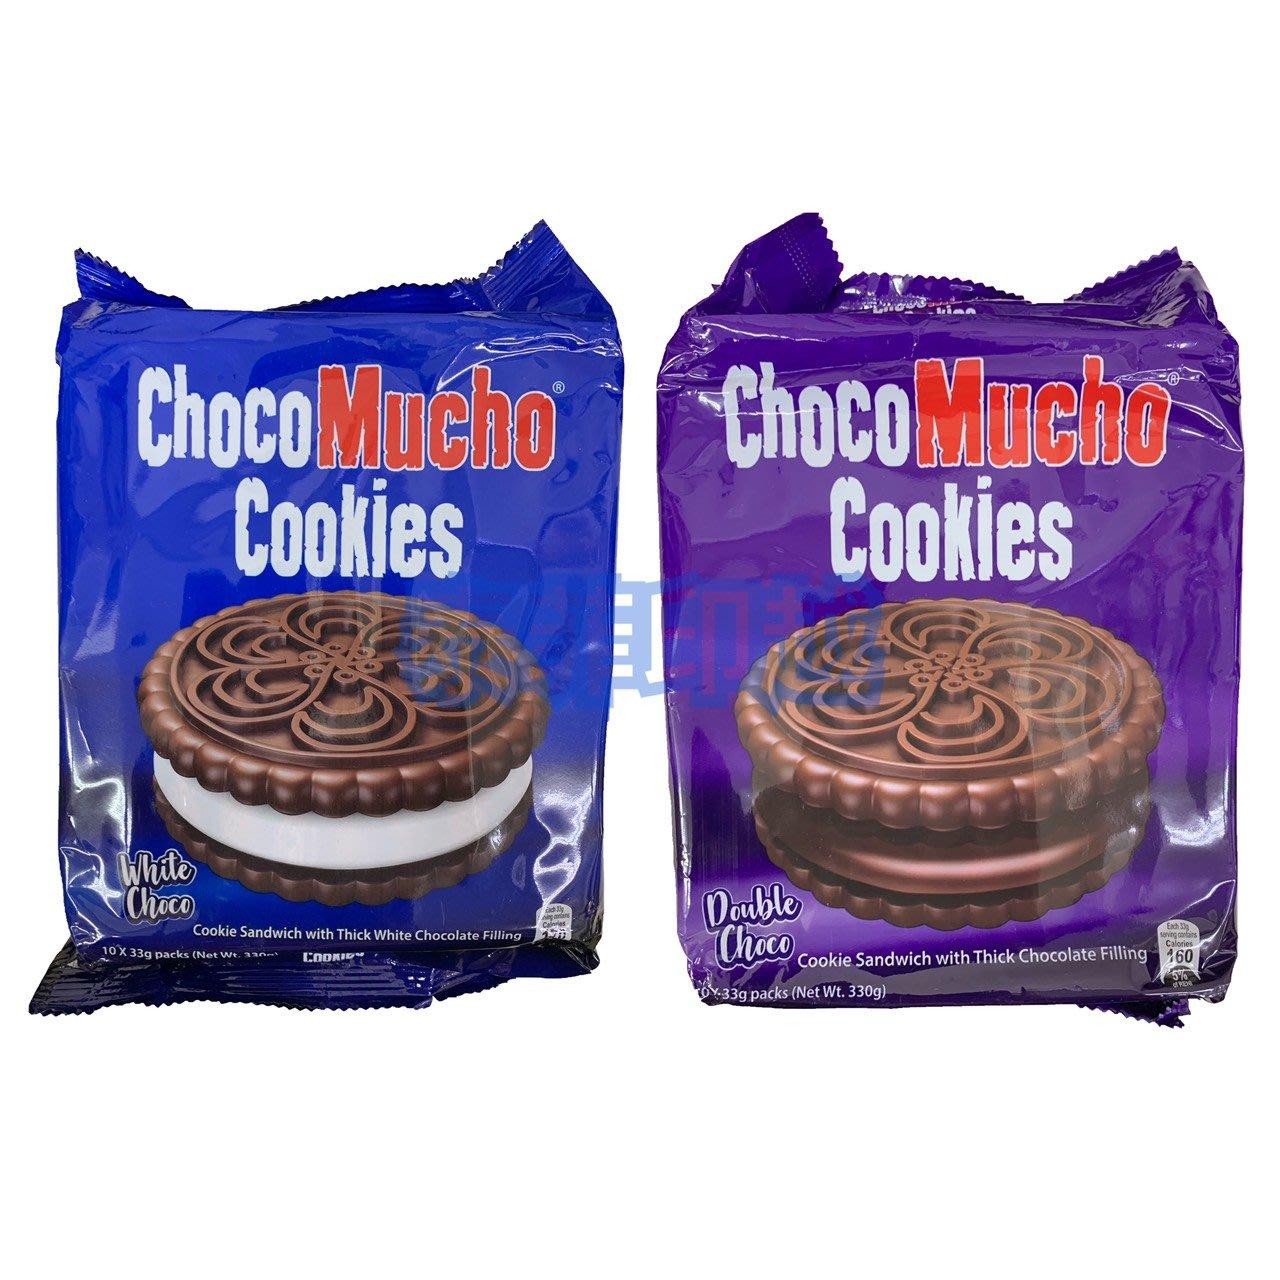 {泰菲印越} 菲律賓 choco mucho cookies 白巧克力夾心餅乾   巧克力夾心餅乾 330克